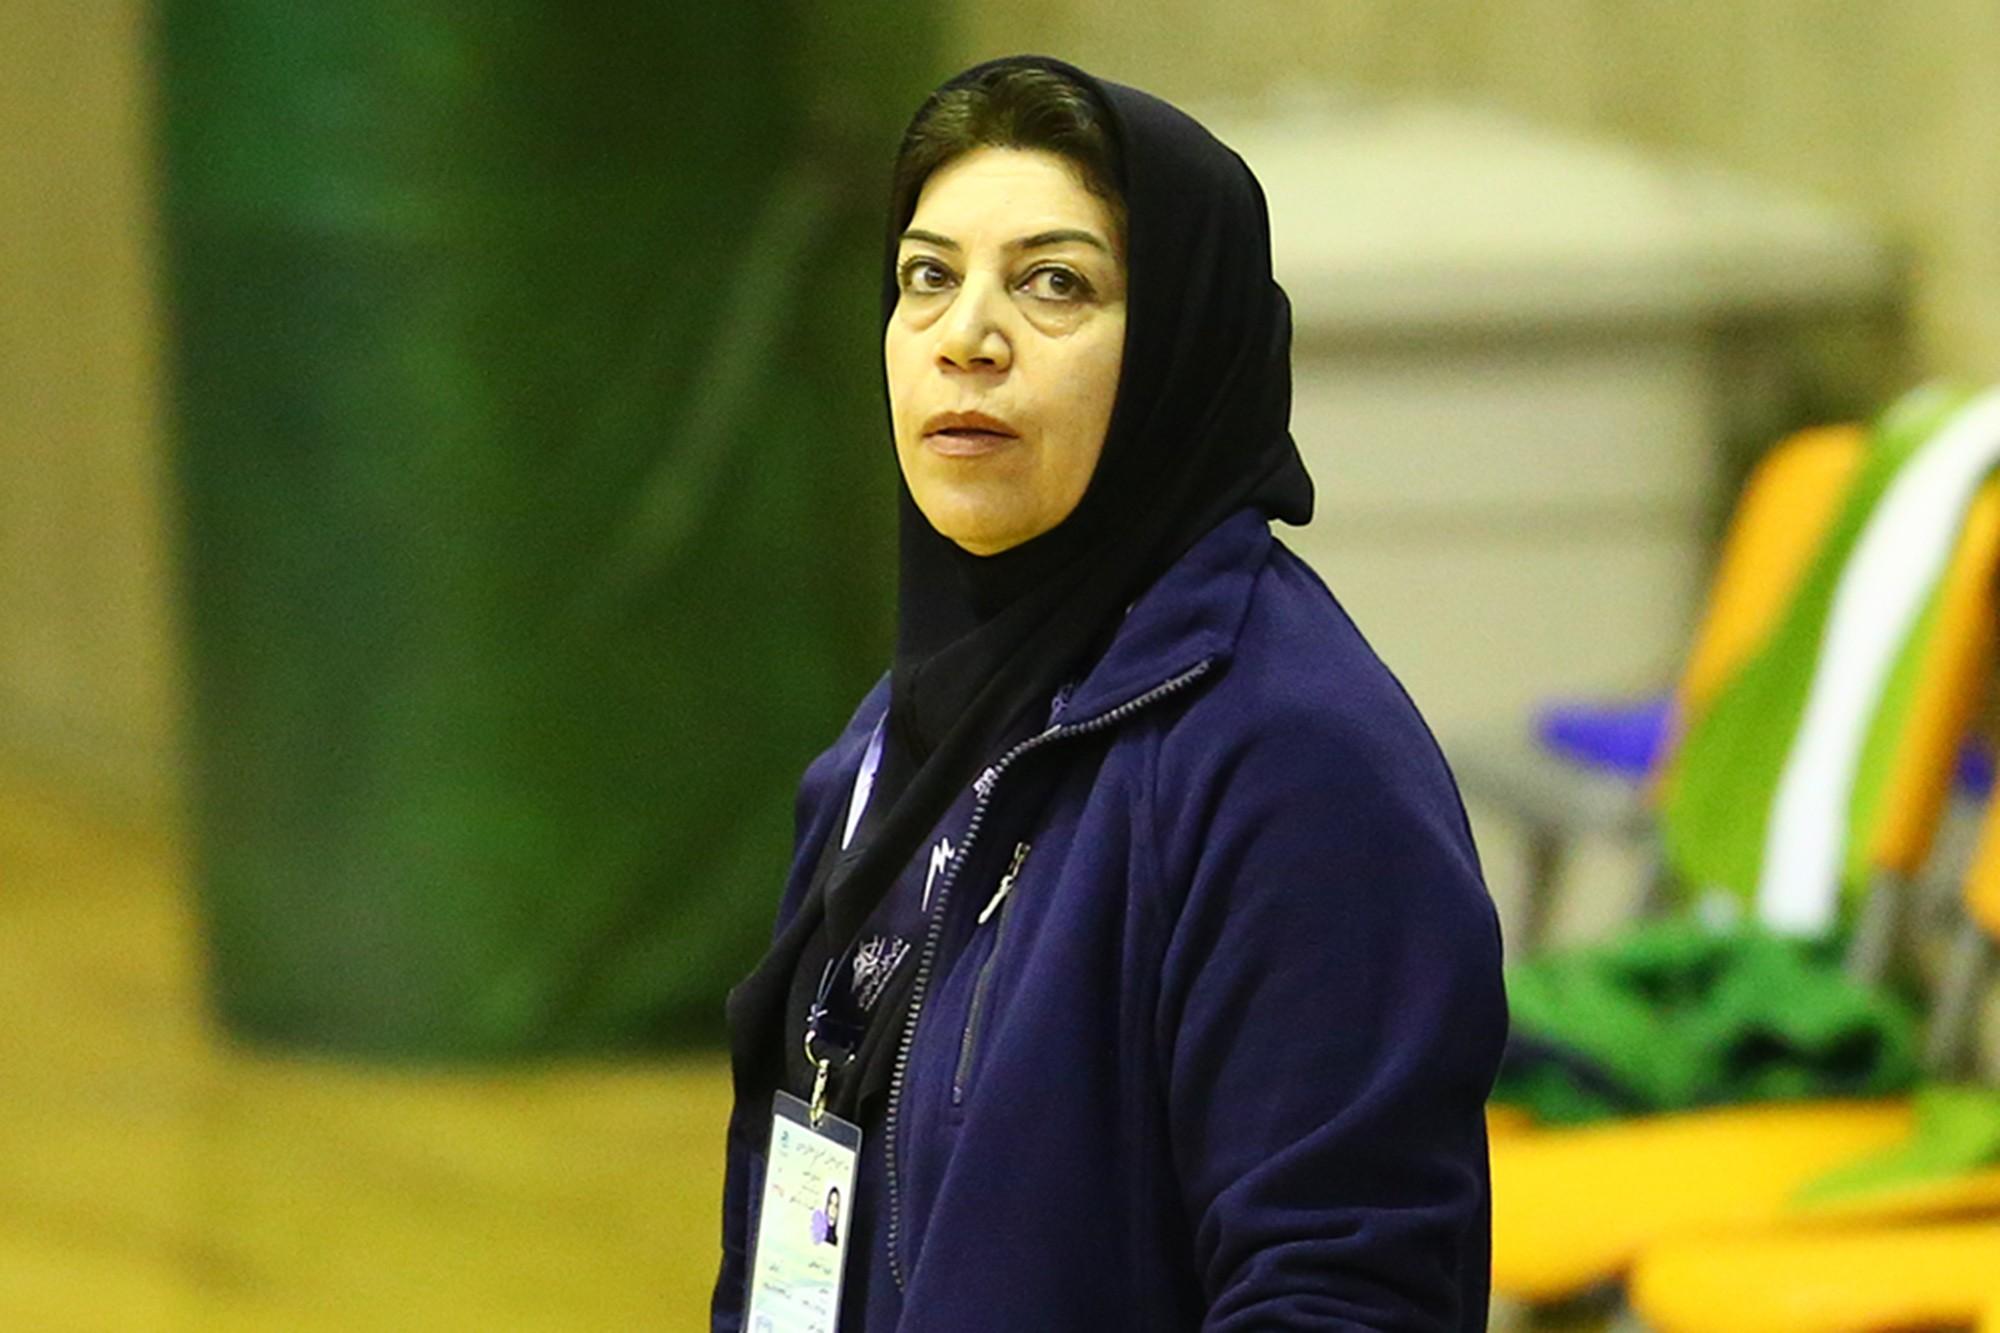 فریبا صادقی سرمربی تیم ملی والیبال زنان شد